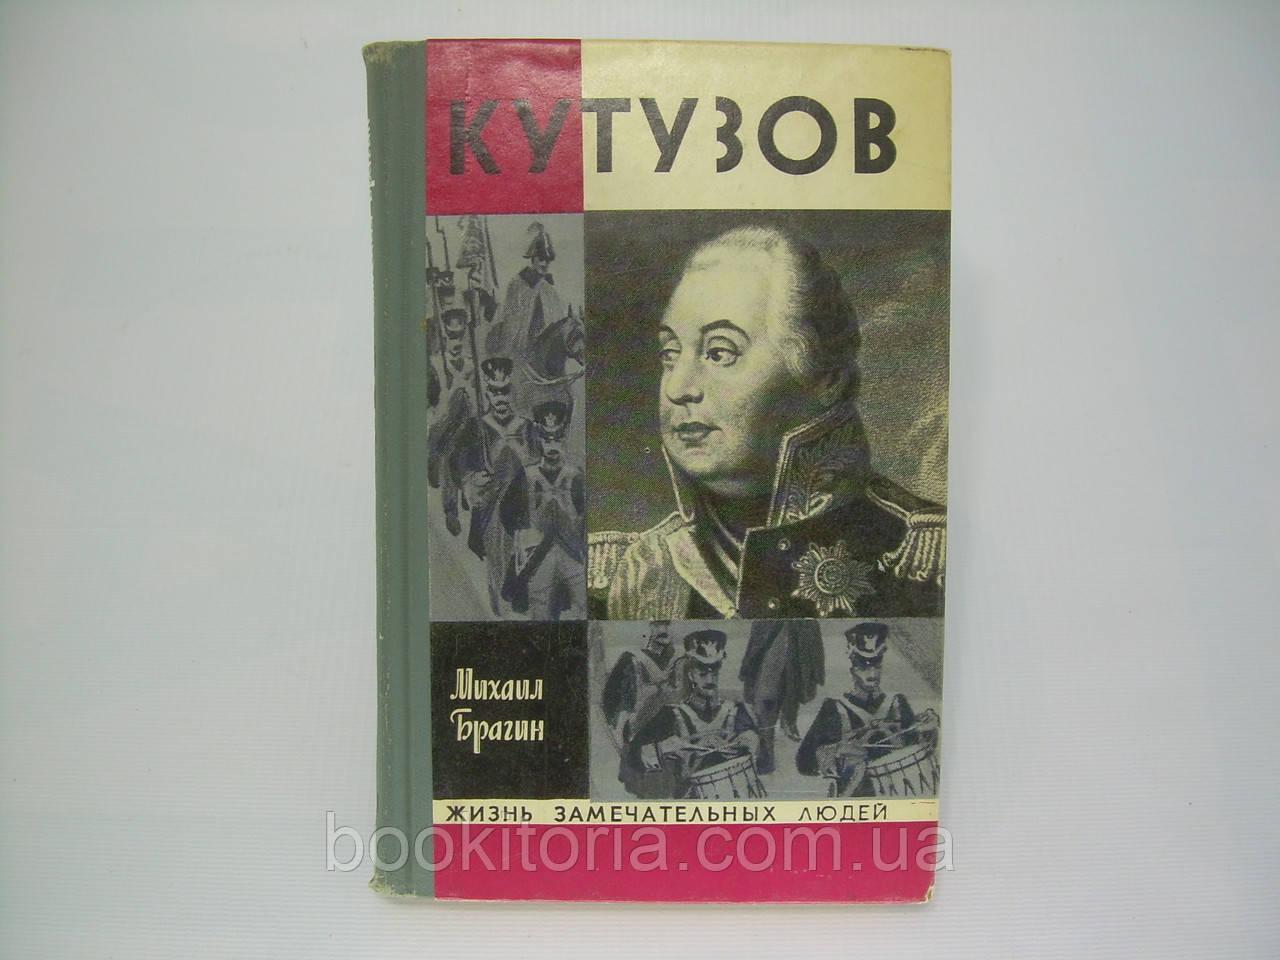 Брагин М. Кутузов (б/у).